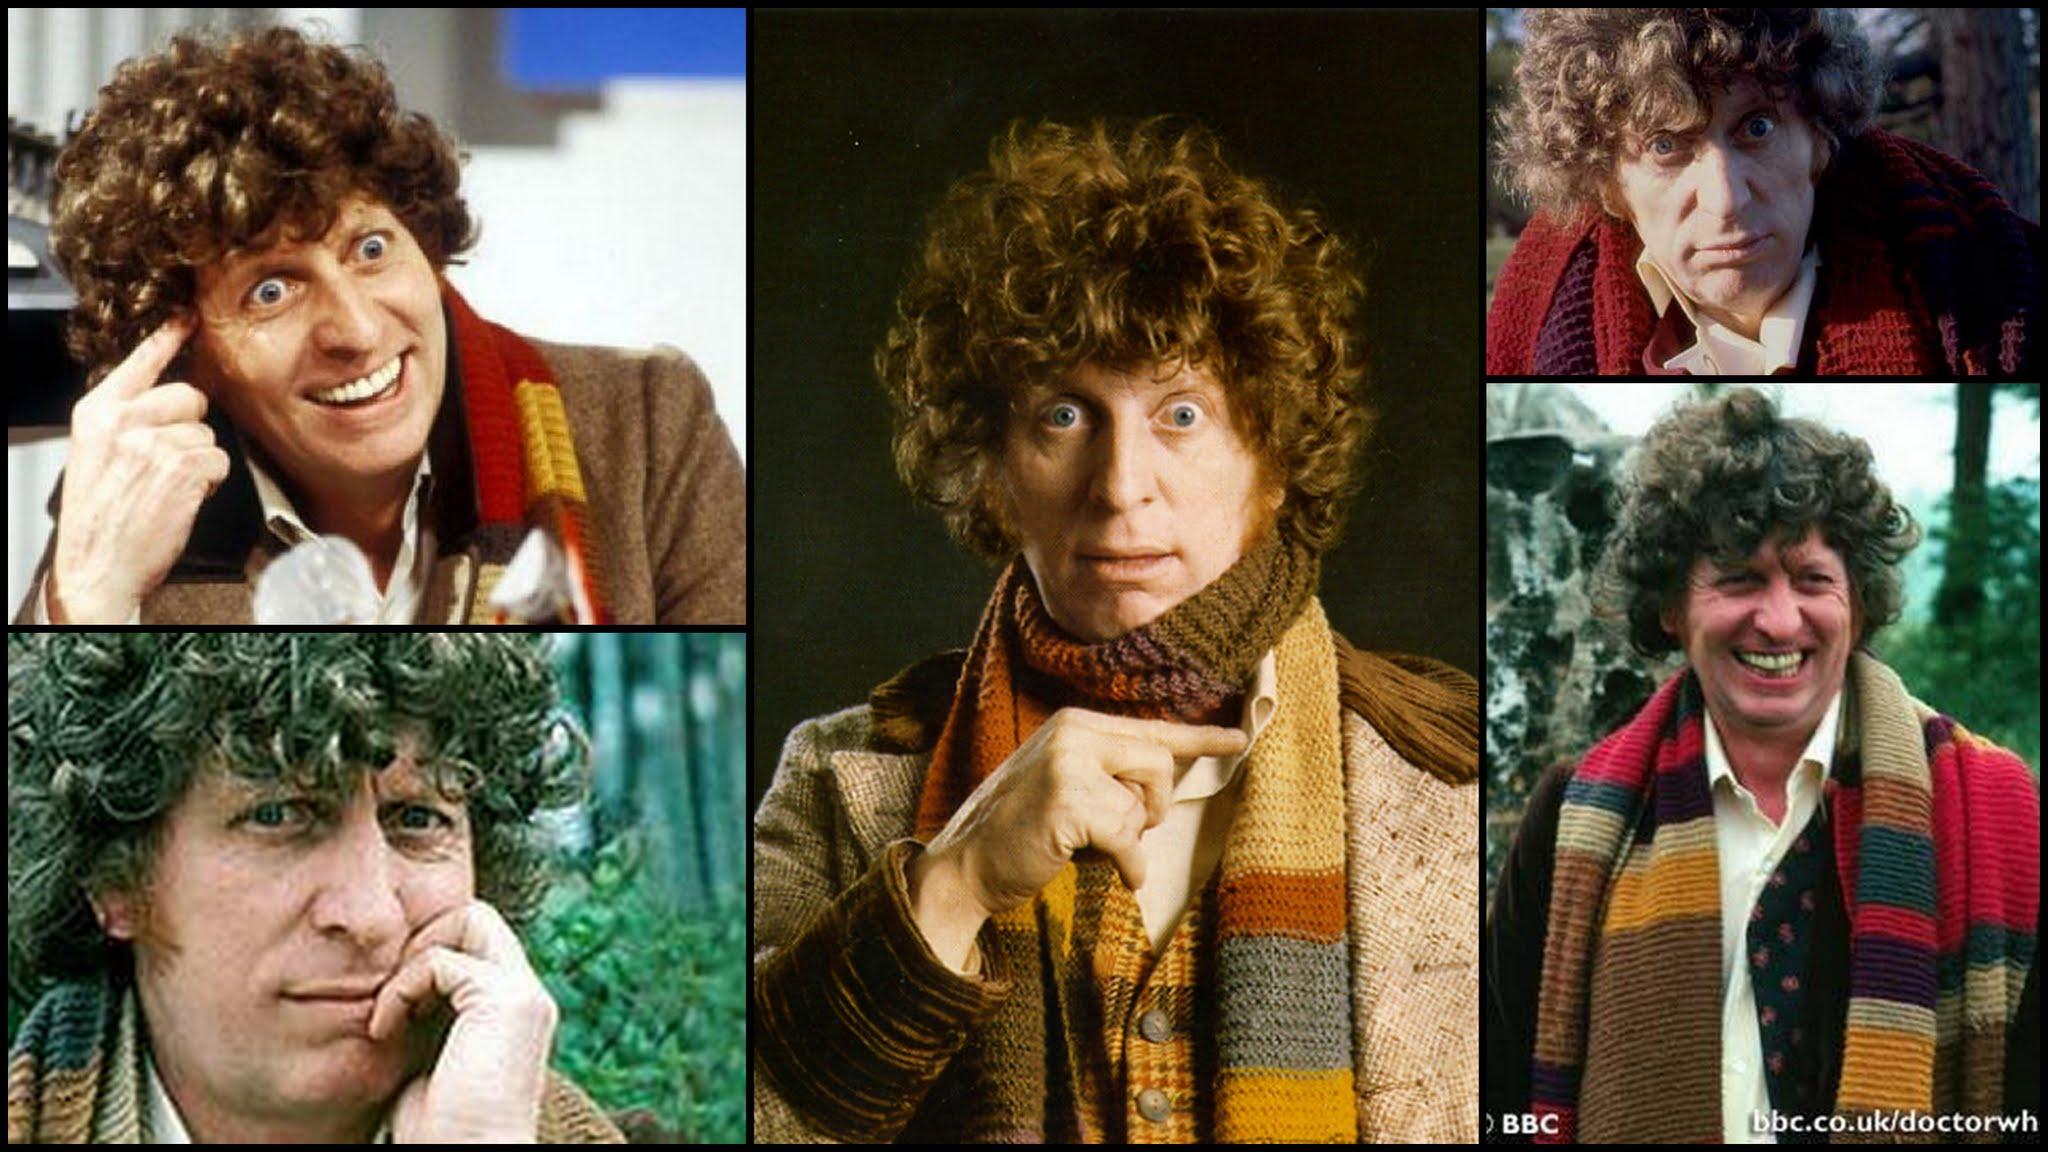 Tom Baker, the Fourth Doctor